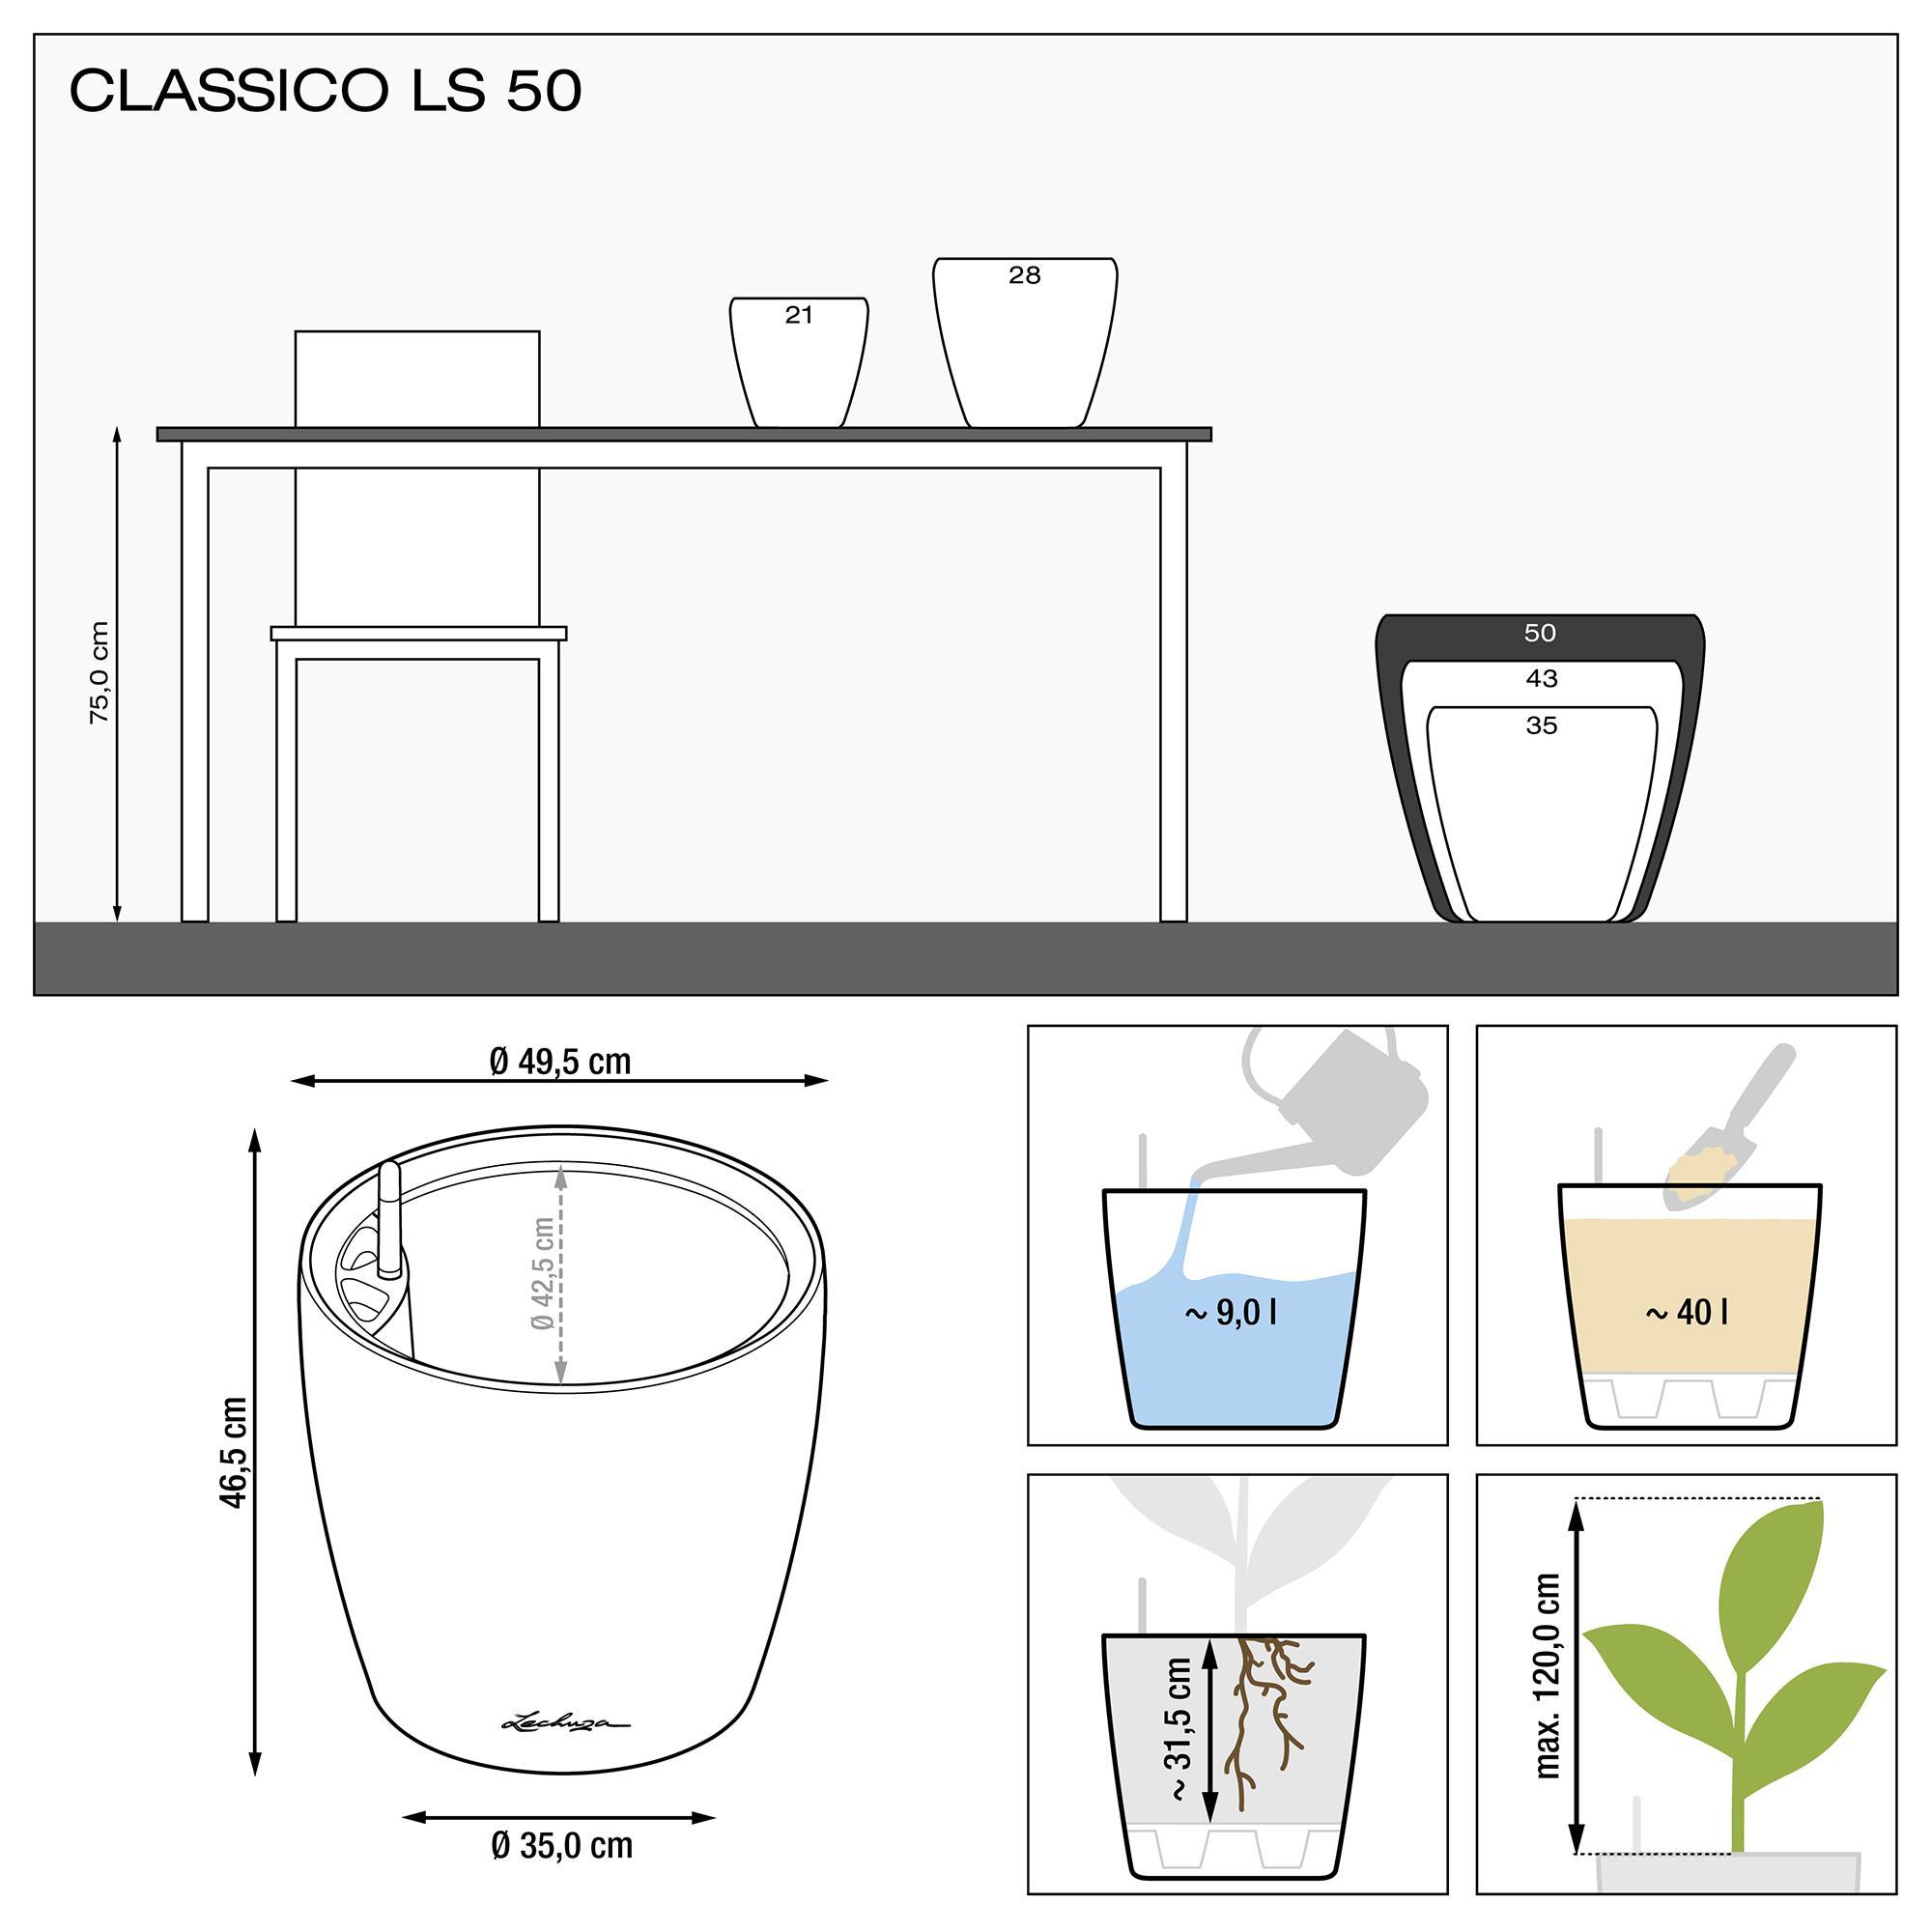 CLASSICO LS 50 charcoal metallic - Image 3